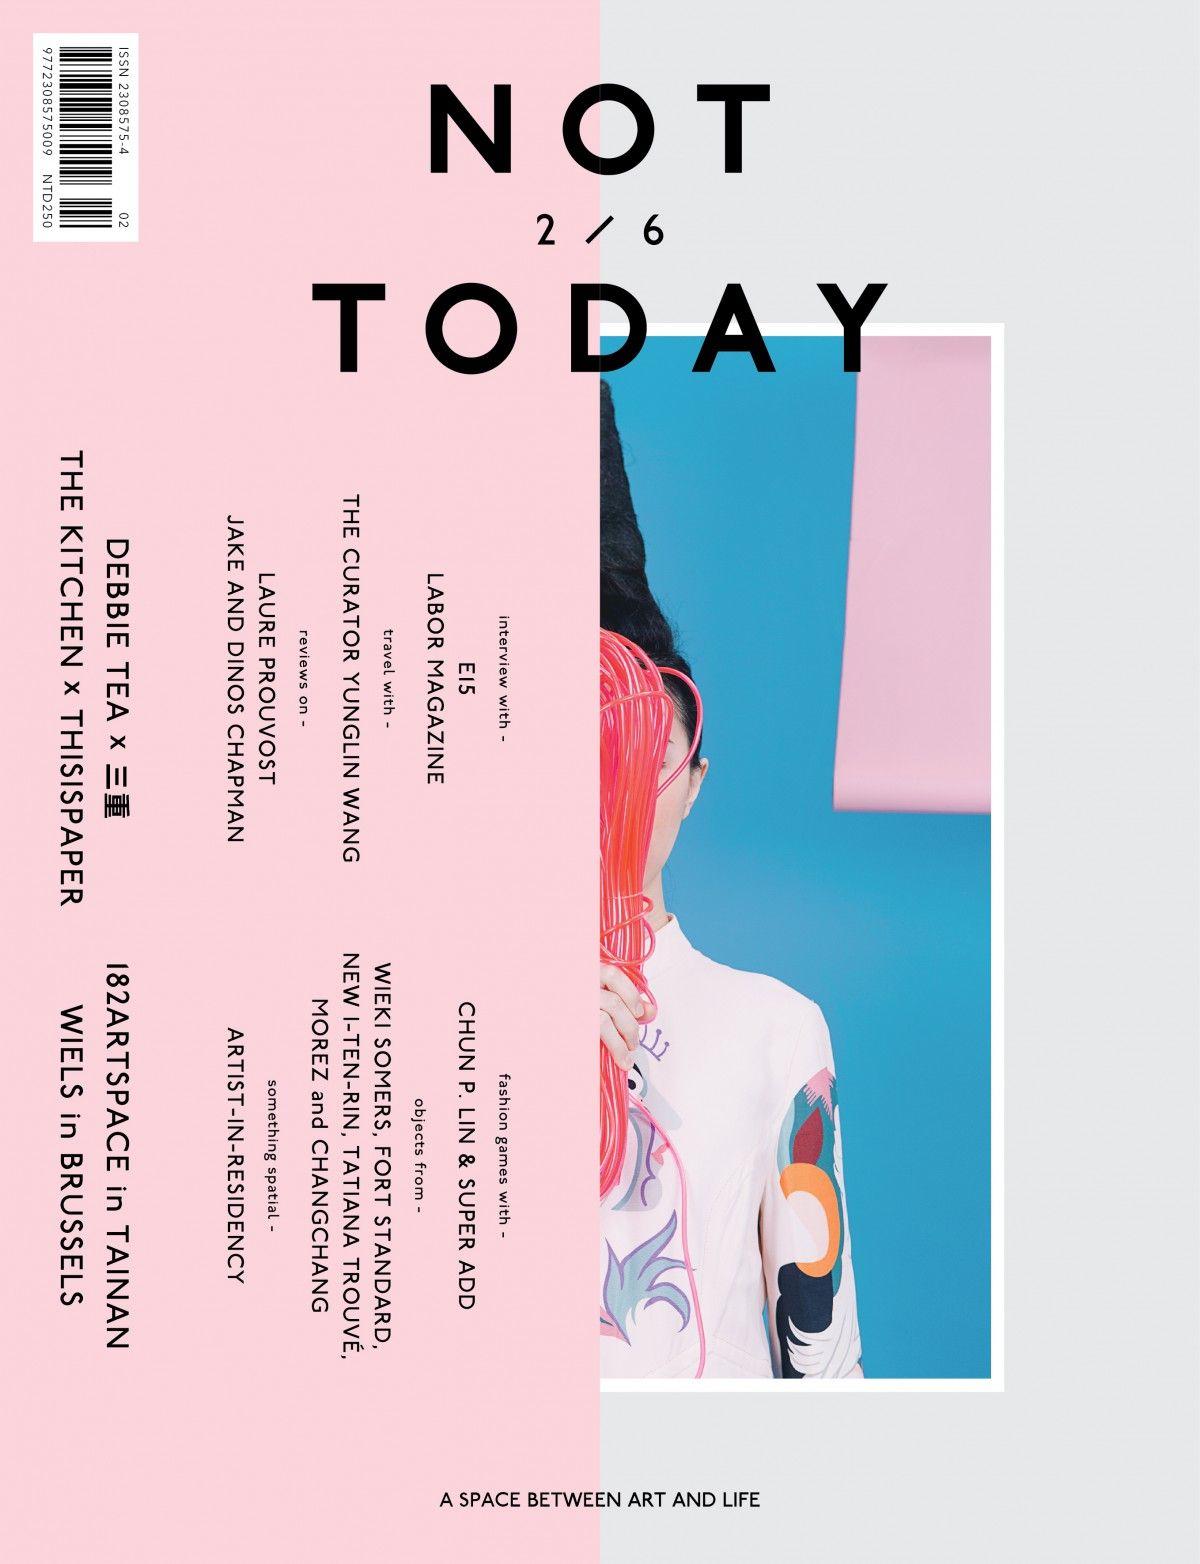 Hipster All Caps Geometric Font Page Orientation Portrait And Landscape And Pink Design De Configuration Mise En Page D Affiche Dessin De Couverture